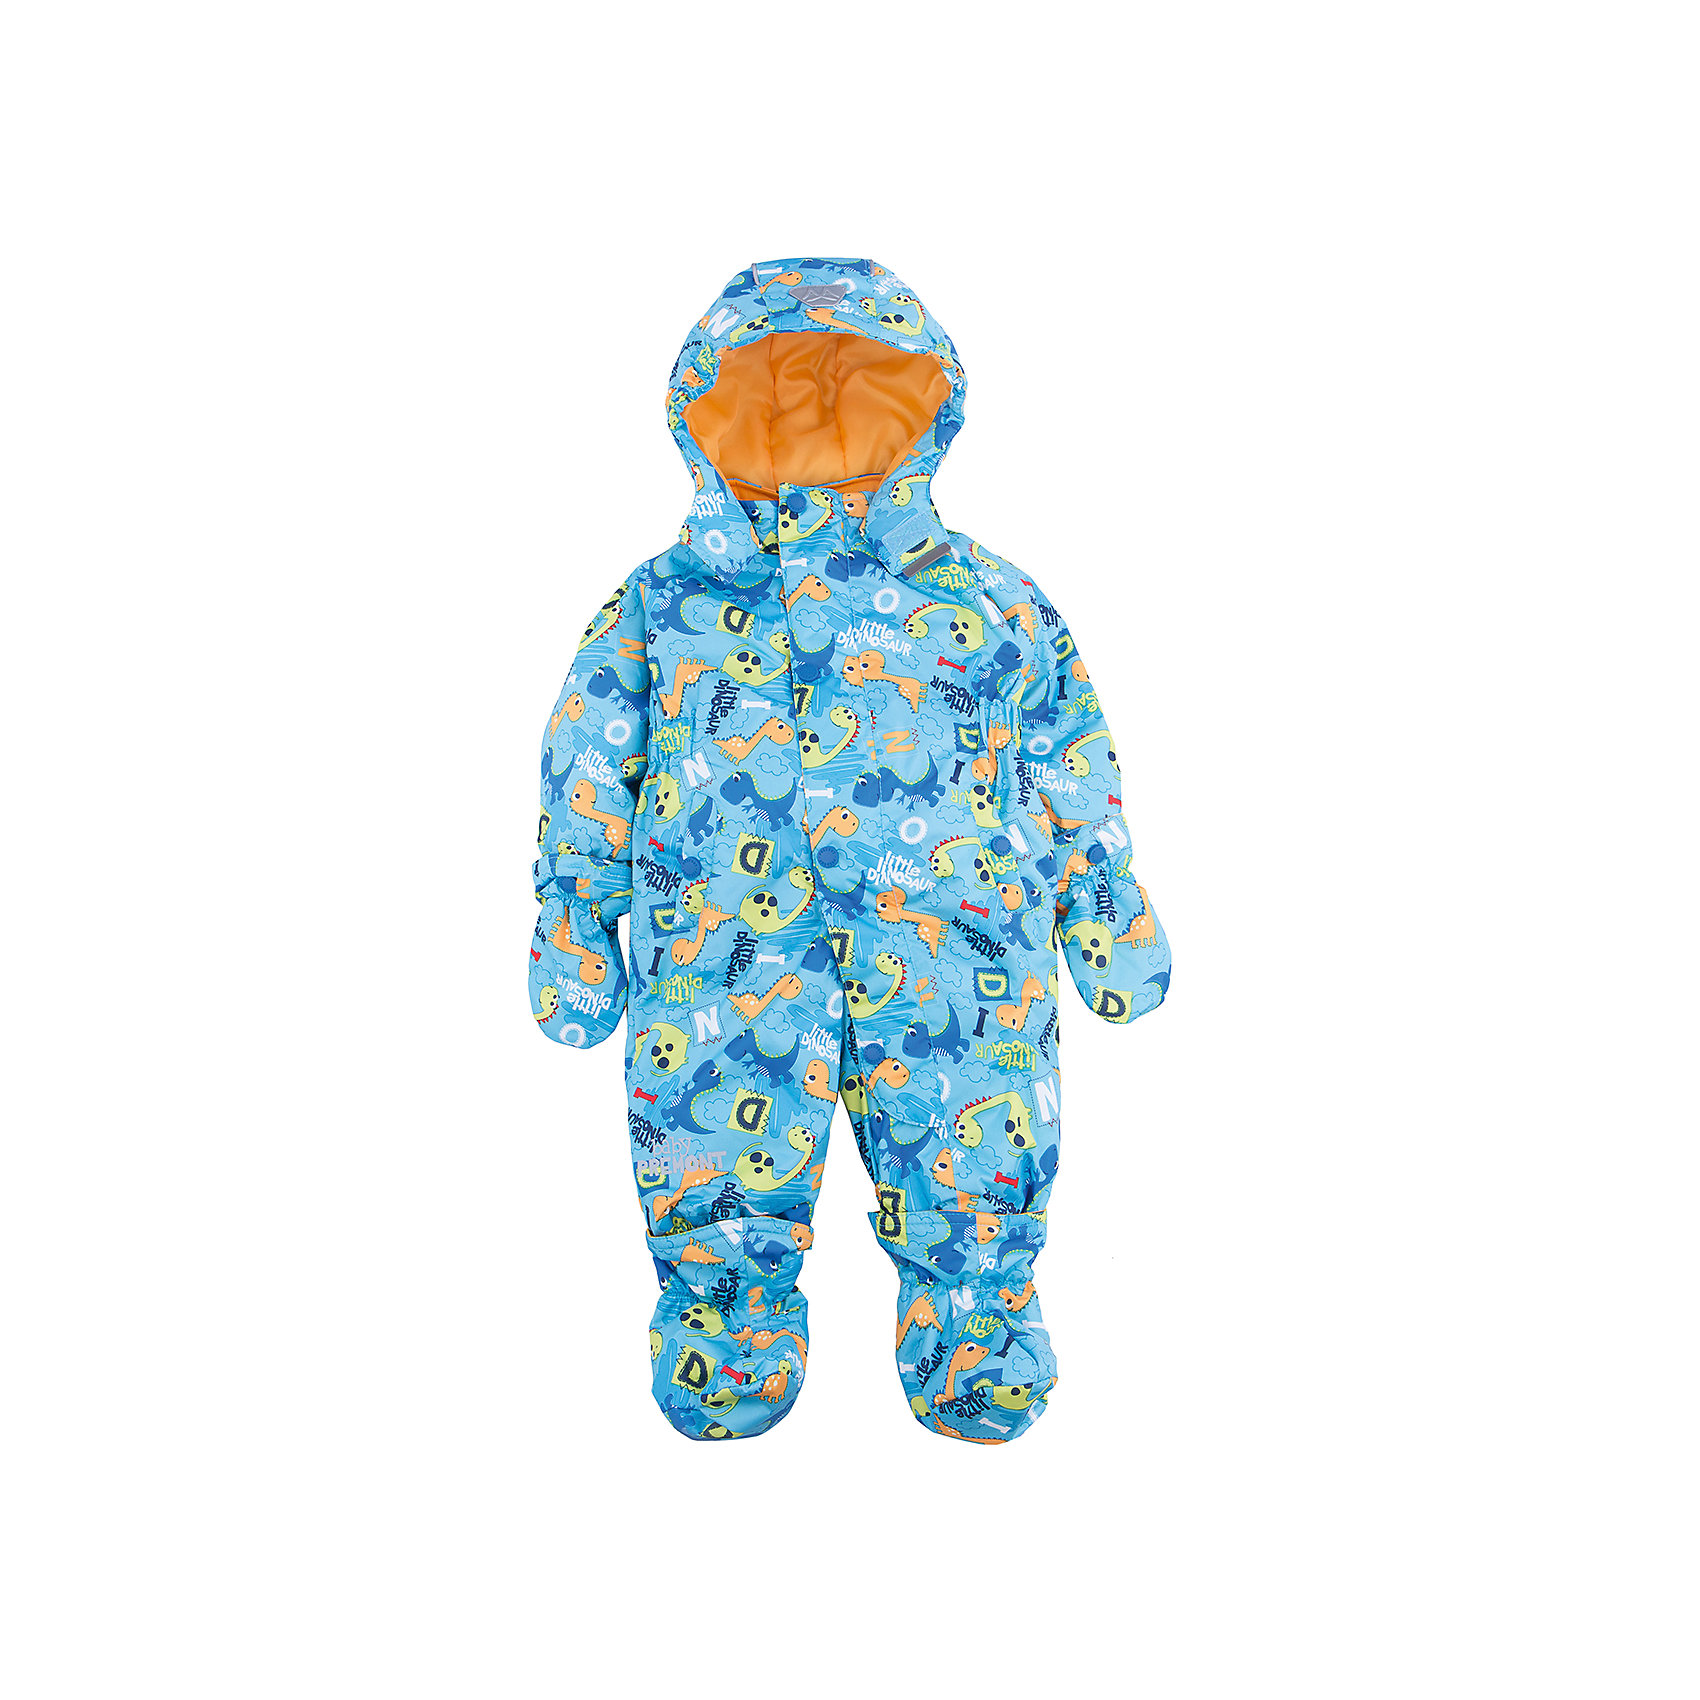 Комбинезон для мальчика PremontВерхняя одежда<br>Характеристики товара:<br><br>• цвет: голубой<br>• состав: мембрана 3000мм/3000г/м2/24h<br>• подкладка: хлопок, Taffeta <br>• утеплитель 120г/м2<br>• светоотражающие элементы<br>• температурный режим: от -5°С до +10°С<br>• застежка - молния<br>• капюшон съемный<br>• принт<br>• ветронепроницаемый, водо- и грязеотталкивающий и дышащий материал<br>• эластичные манжеты<br>• комфортная посадка<br>• страна бренда: Канада<br><br>Демисезонный комбинезон - универсальный вариант и для прохладной осени, и для первых заморозков. Эта модель - модная и удобная одновременно! Комбинезон отличается стильным ярким дизайном. Комплект хорошо сидит по фигуре, отлично сочетается с различной обувью. Вещь была разработана специально для детей.<br><br>До 12 месяцев идет в комплекте с варежками и пинетками.<br><br>Одежда от канадского бренда Premont уже завоевала популярностью у многих детей и их родителей. Вещи, выпускаемые компанией, качественные, продуманные и очень удобные. Для производства коллекций используются только безопасные для детей материалы.<br><br>Комбинезон для мальчика  от бренда Premont можно купить в нашем интернет-магазине.<br><br>Ширина мм: 356<br>Глубина мм: 10<br>Высота мм: 245<br>Вес г: 519<br>Цвет: синий<br>Возраст от месяцев: 18<br>Возраст до месяцев: 24<br>Пол: Мужской<br>Возраст: Детский<br>Размер: 92,68,74,80,86<br>SKU: 5353029